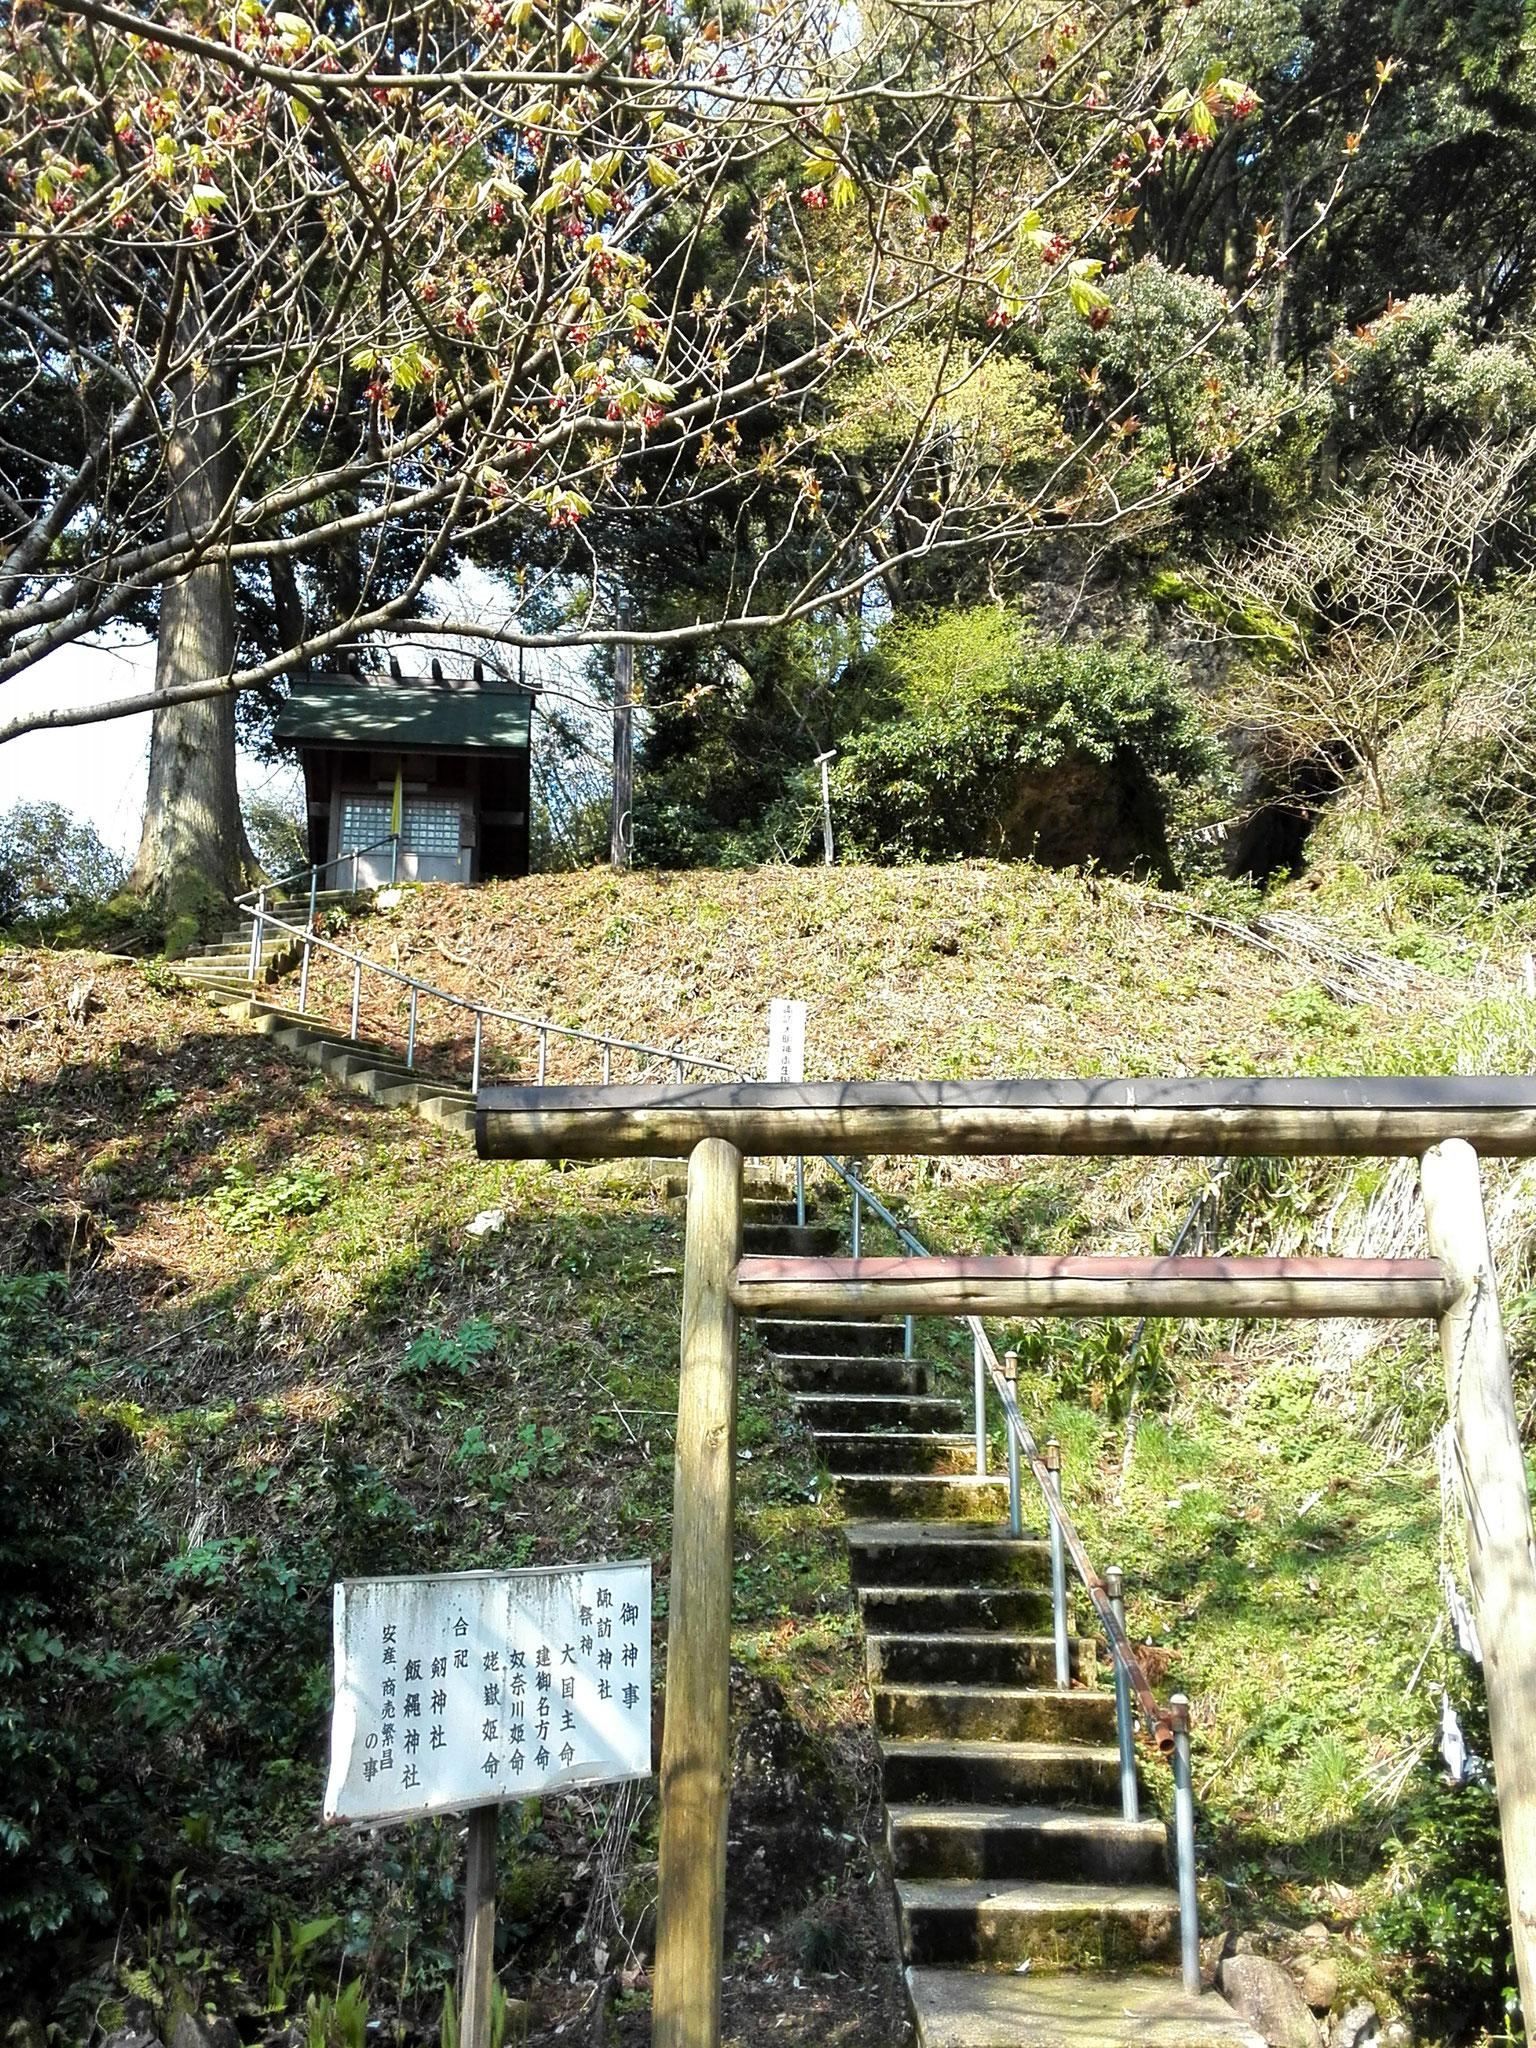 岩殿山明静院。境内の奥に岩屋があり、ここが姥嶽。この姥嶽はかつては修験道場。